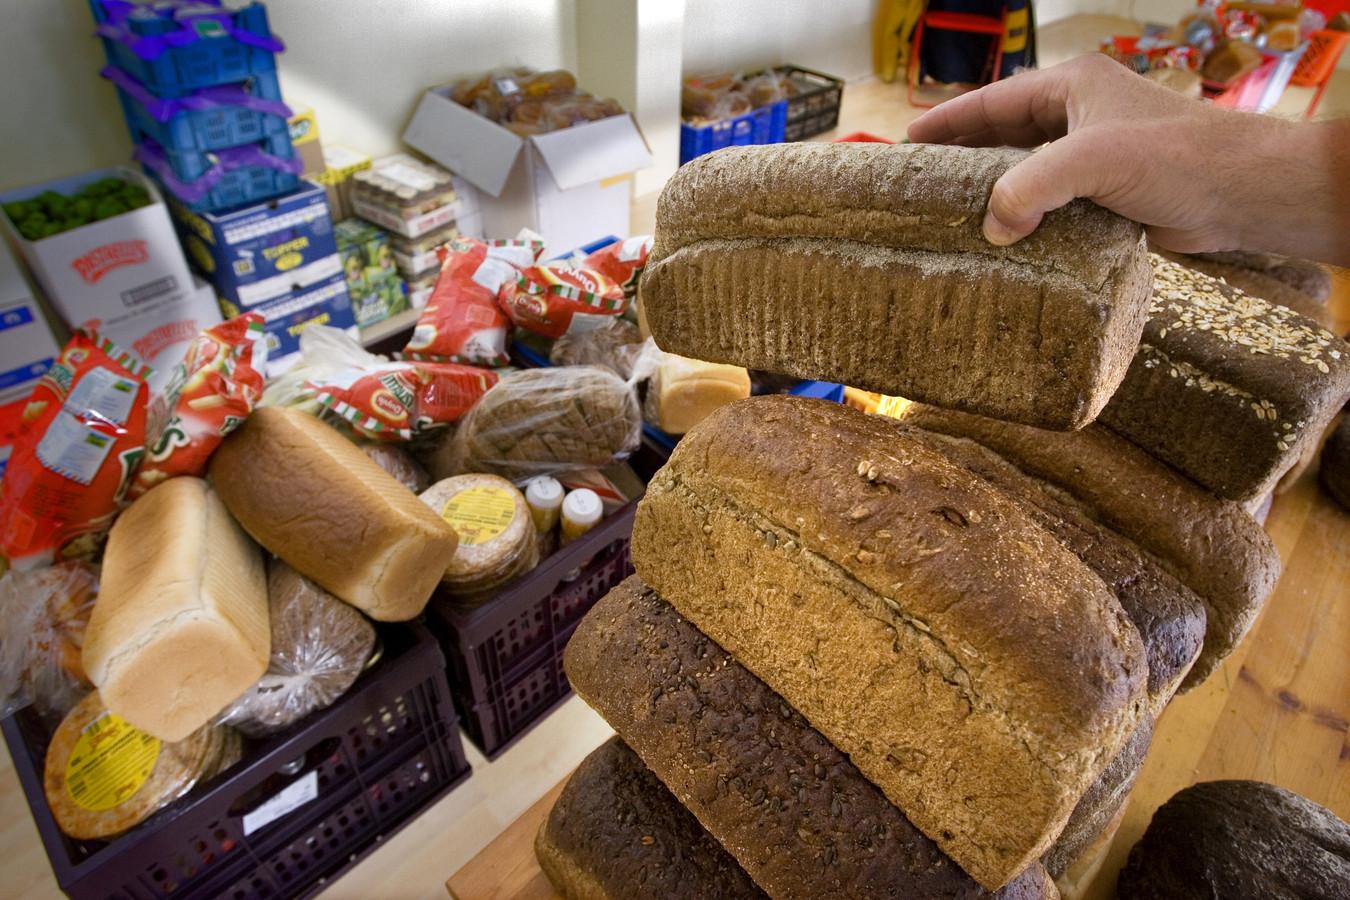 De inzameling van voedselpakketten begint weer.